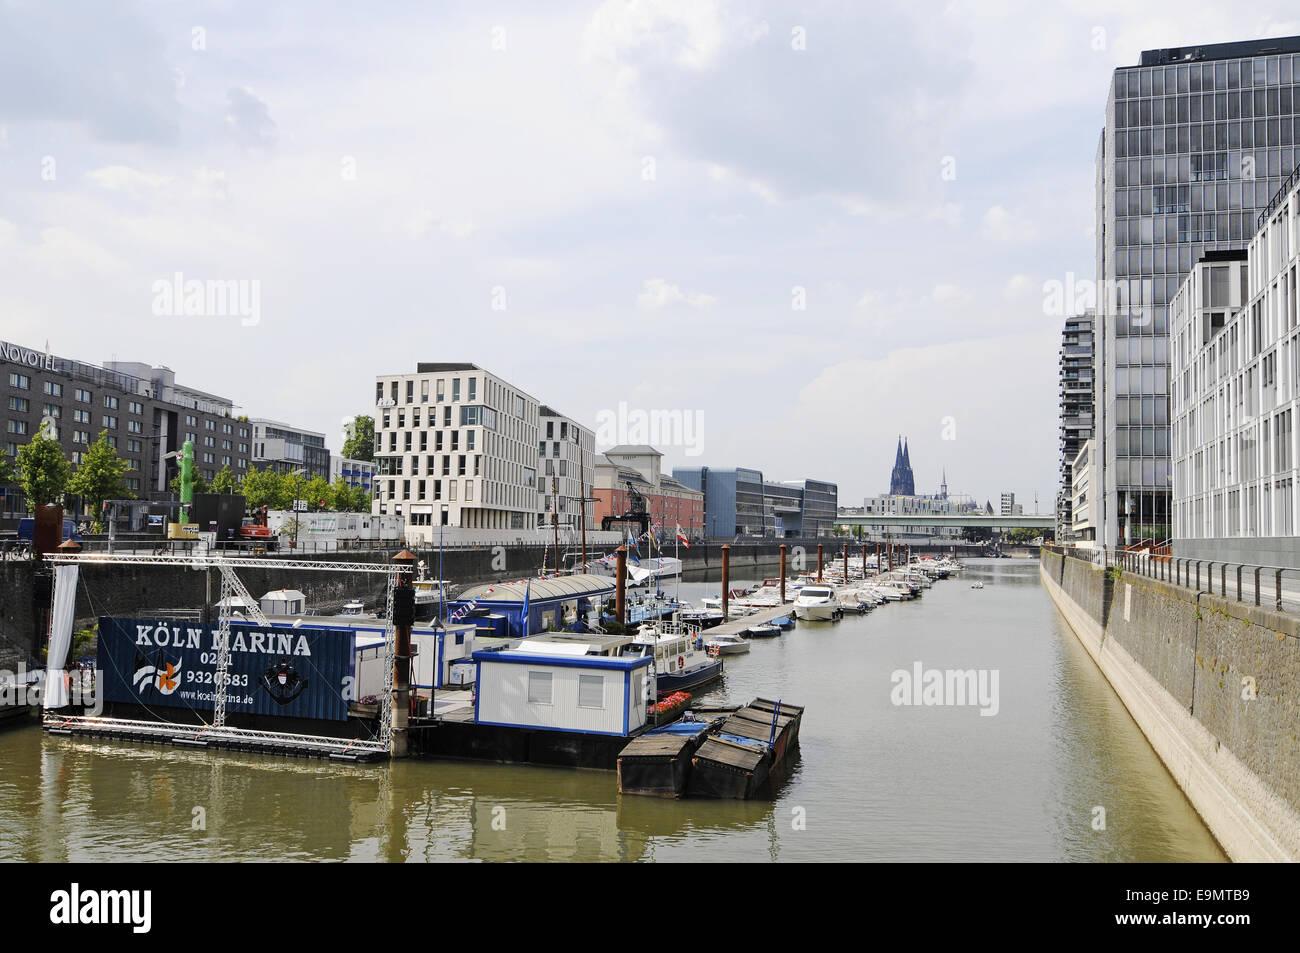 Marina, Cologne, Germany Stock Photo